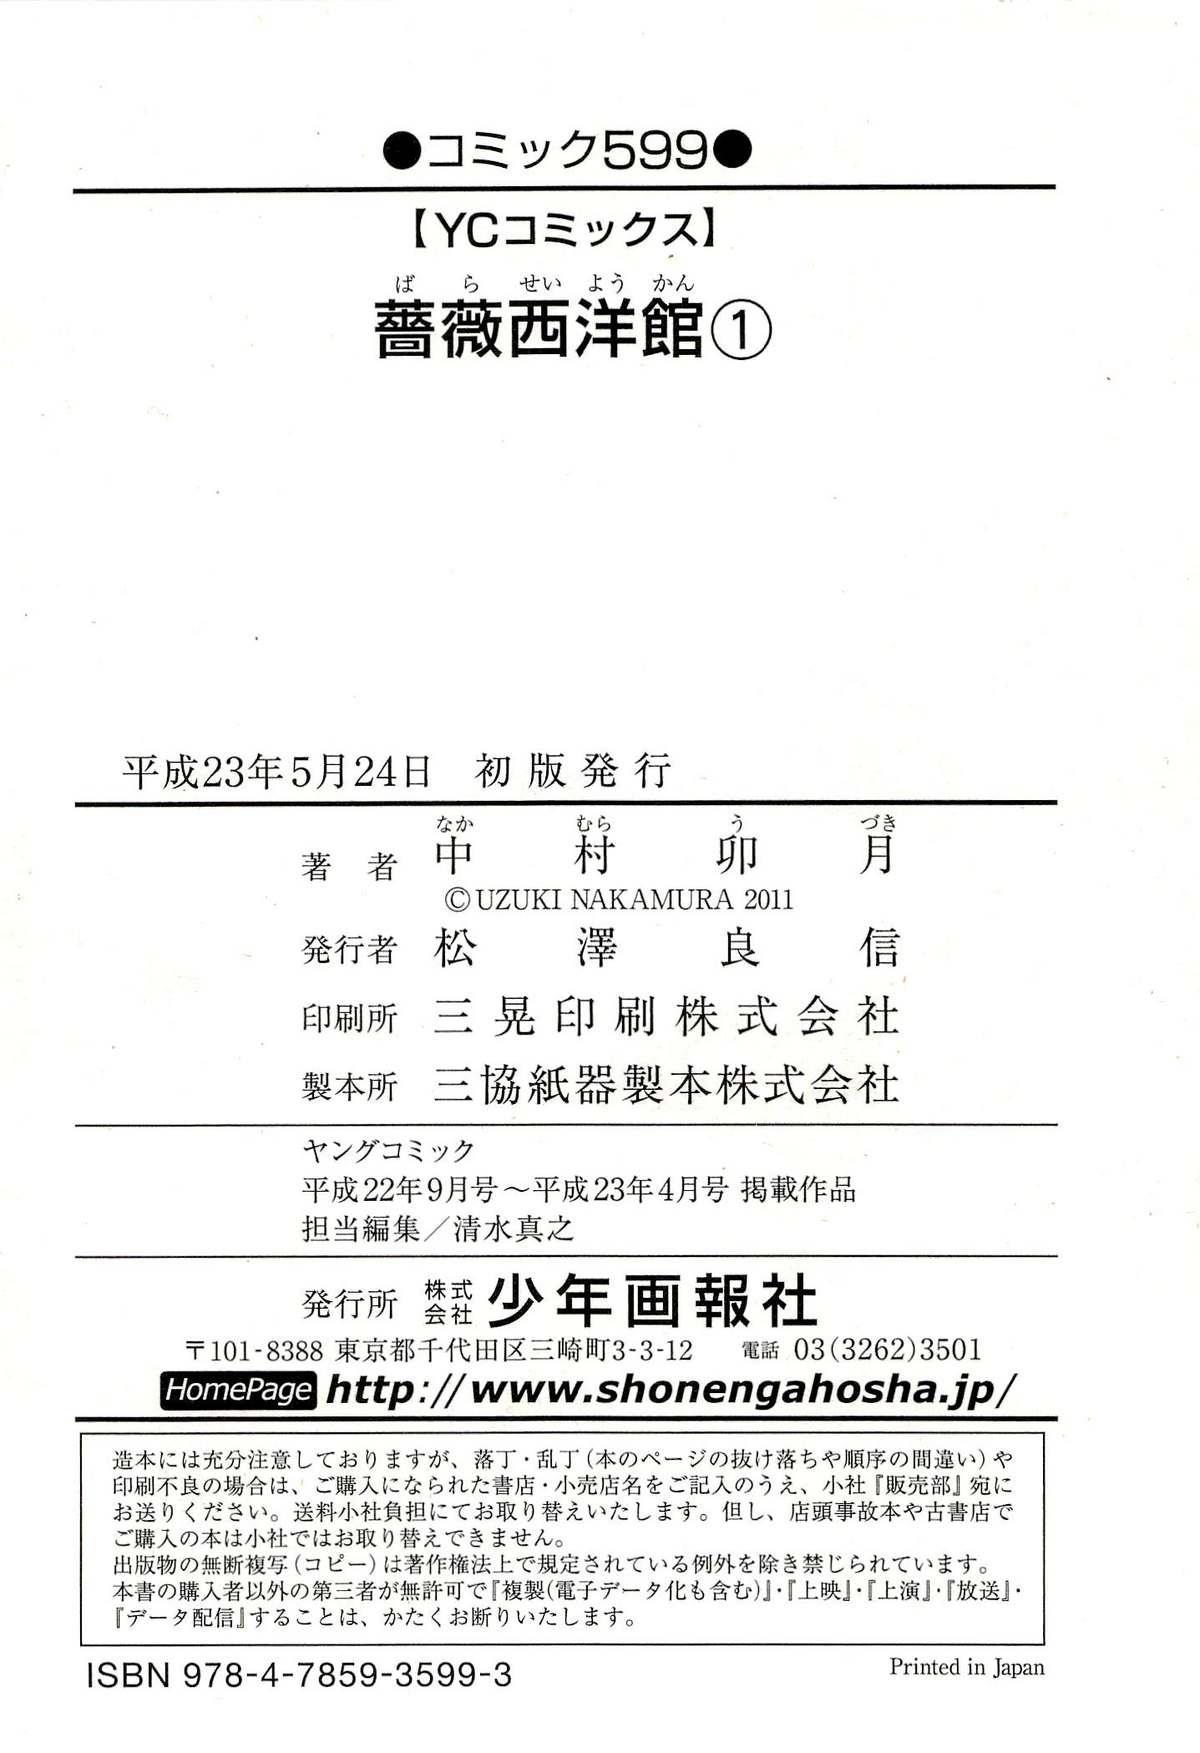 Bara Seiyoukan v.01 ch06 - 08 59